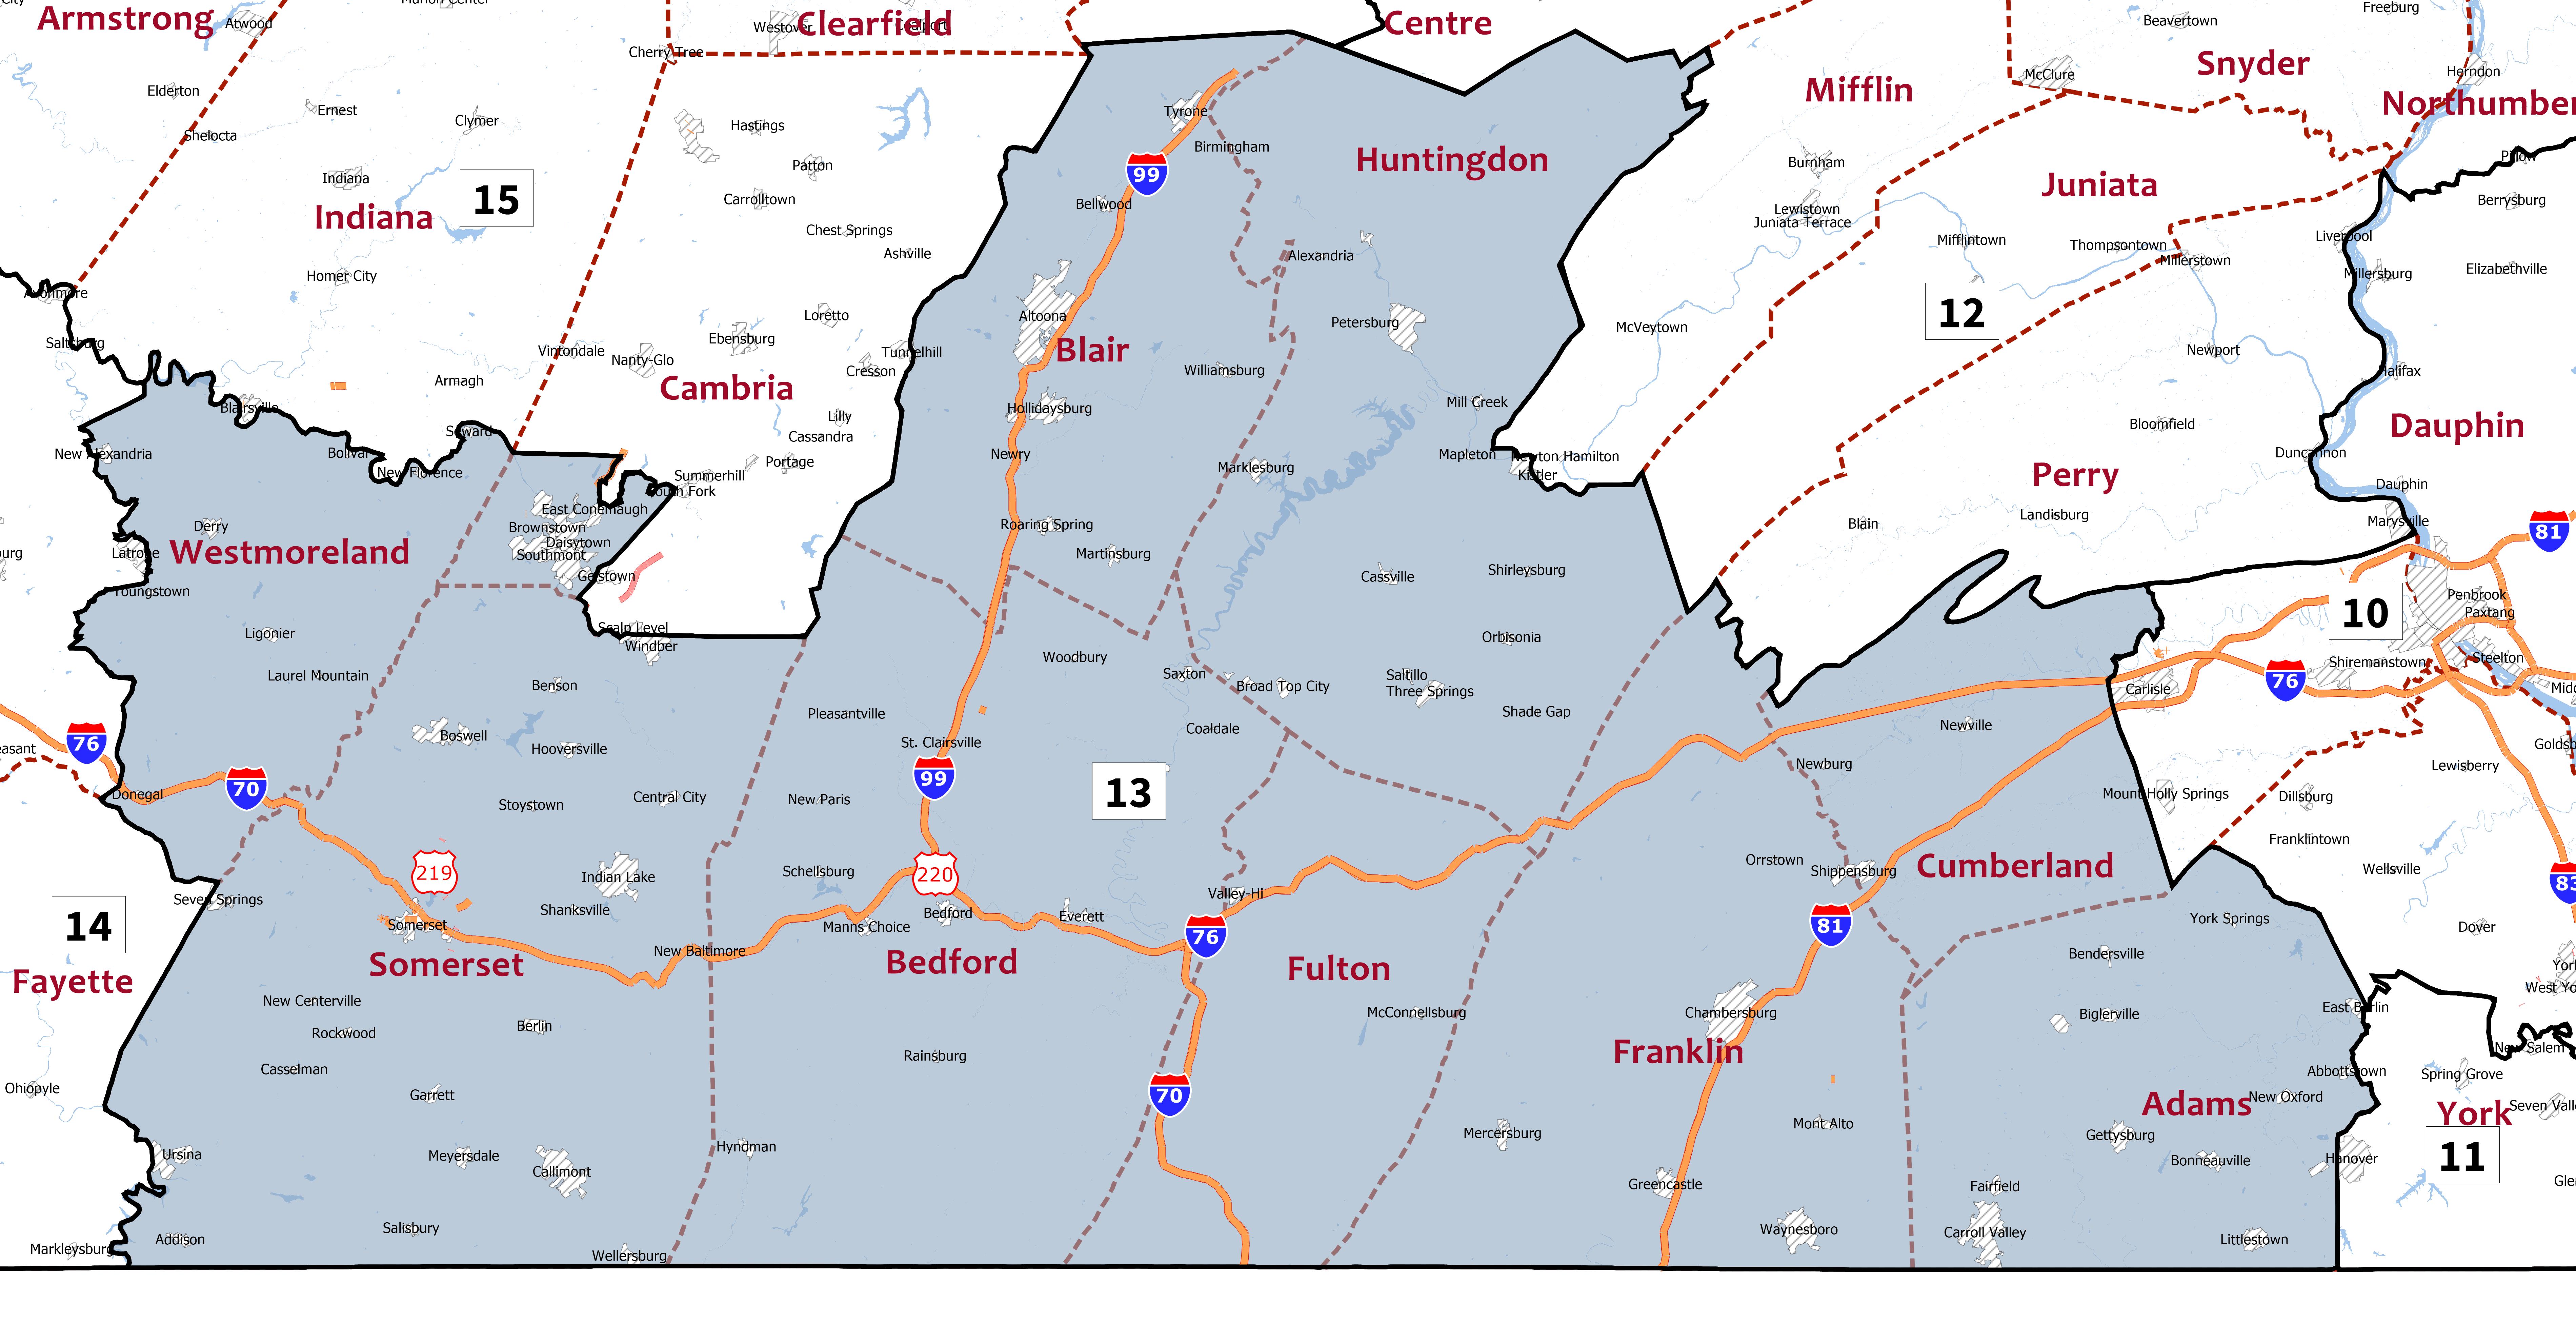 Pennsylvania's 13th congressional district - Wikipedia on 4th district philadelphia, 25th precinct philadelphia, 3rd district philadelphia, 170th district philadelphia, 25th district philadelphia,